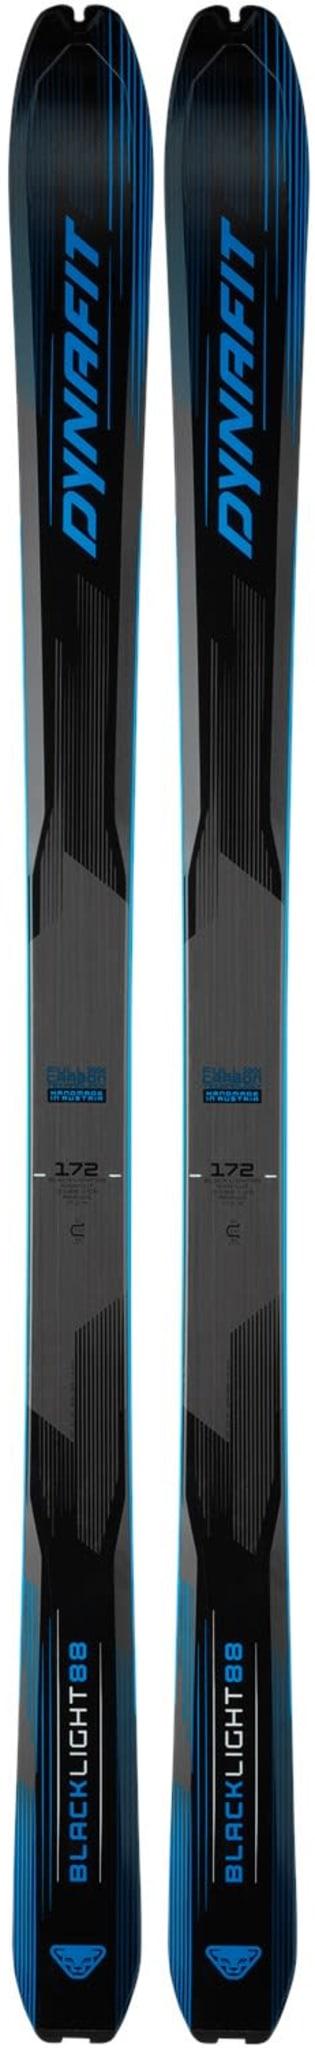 Blacklight 88 & Dynafit Superlite 150